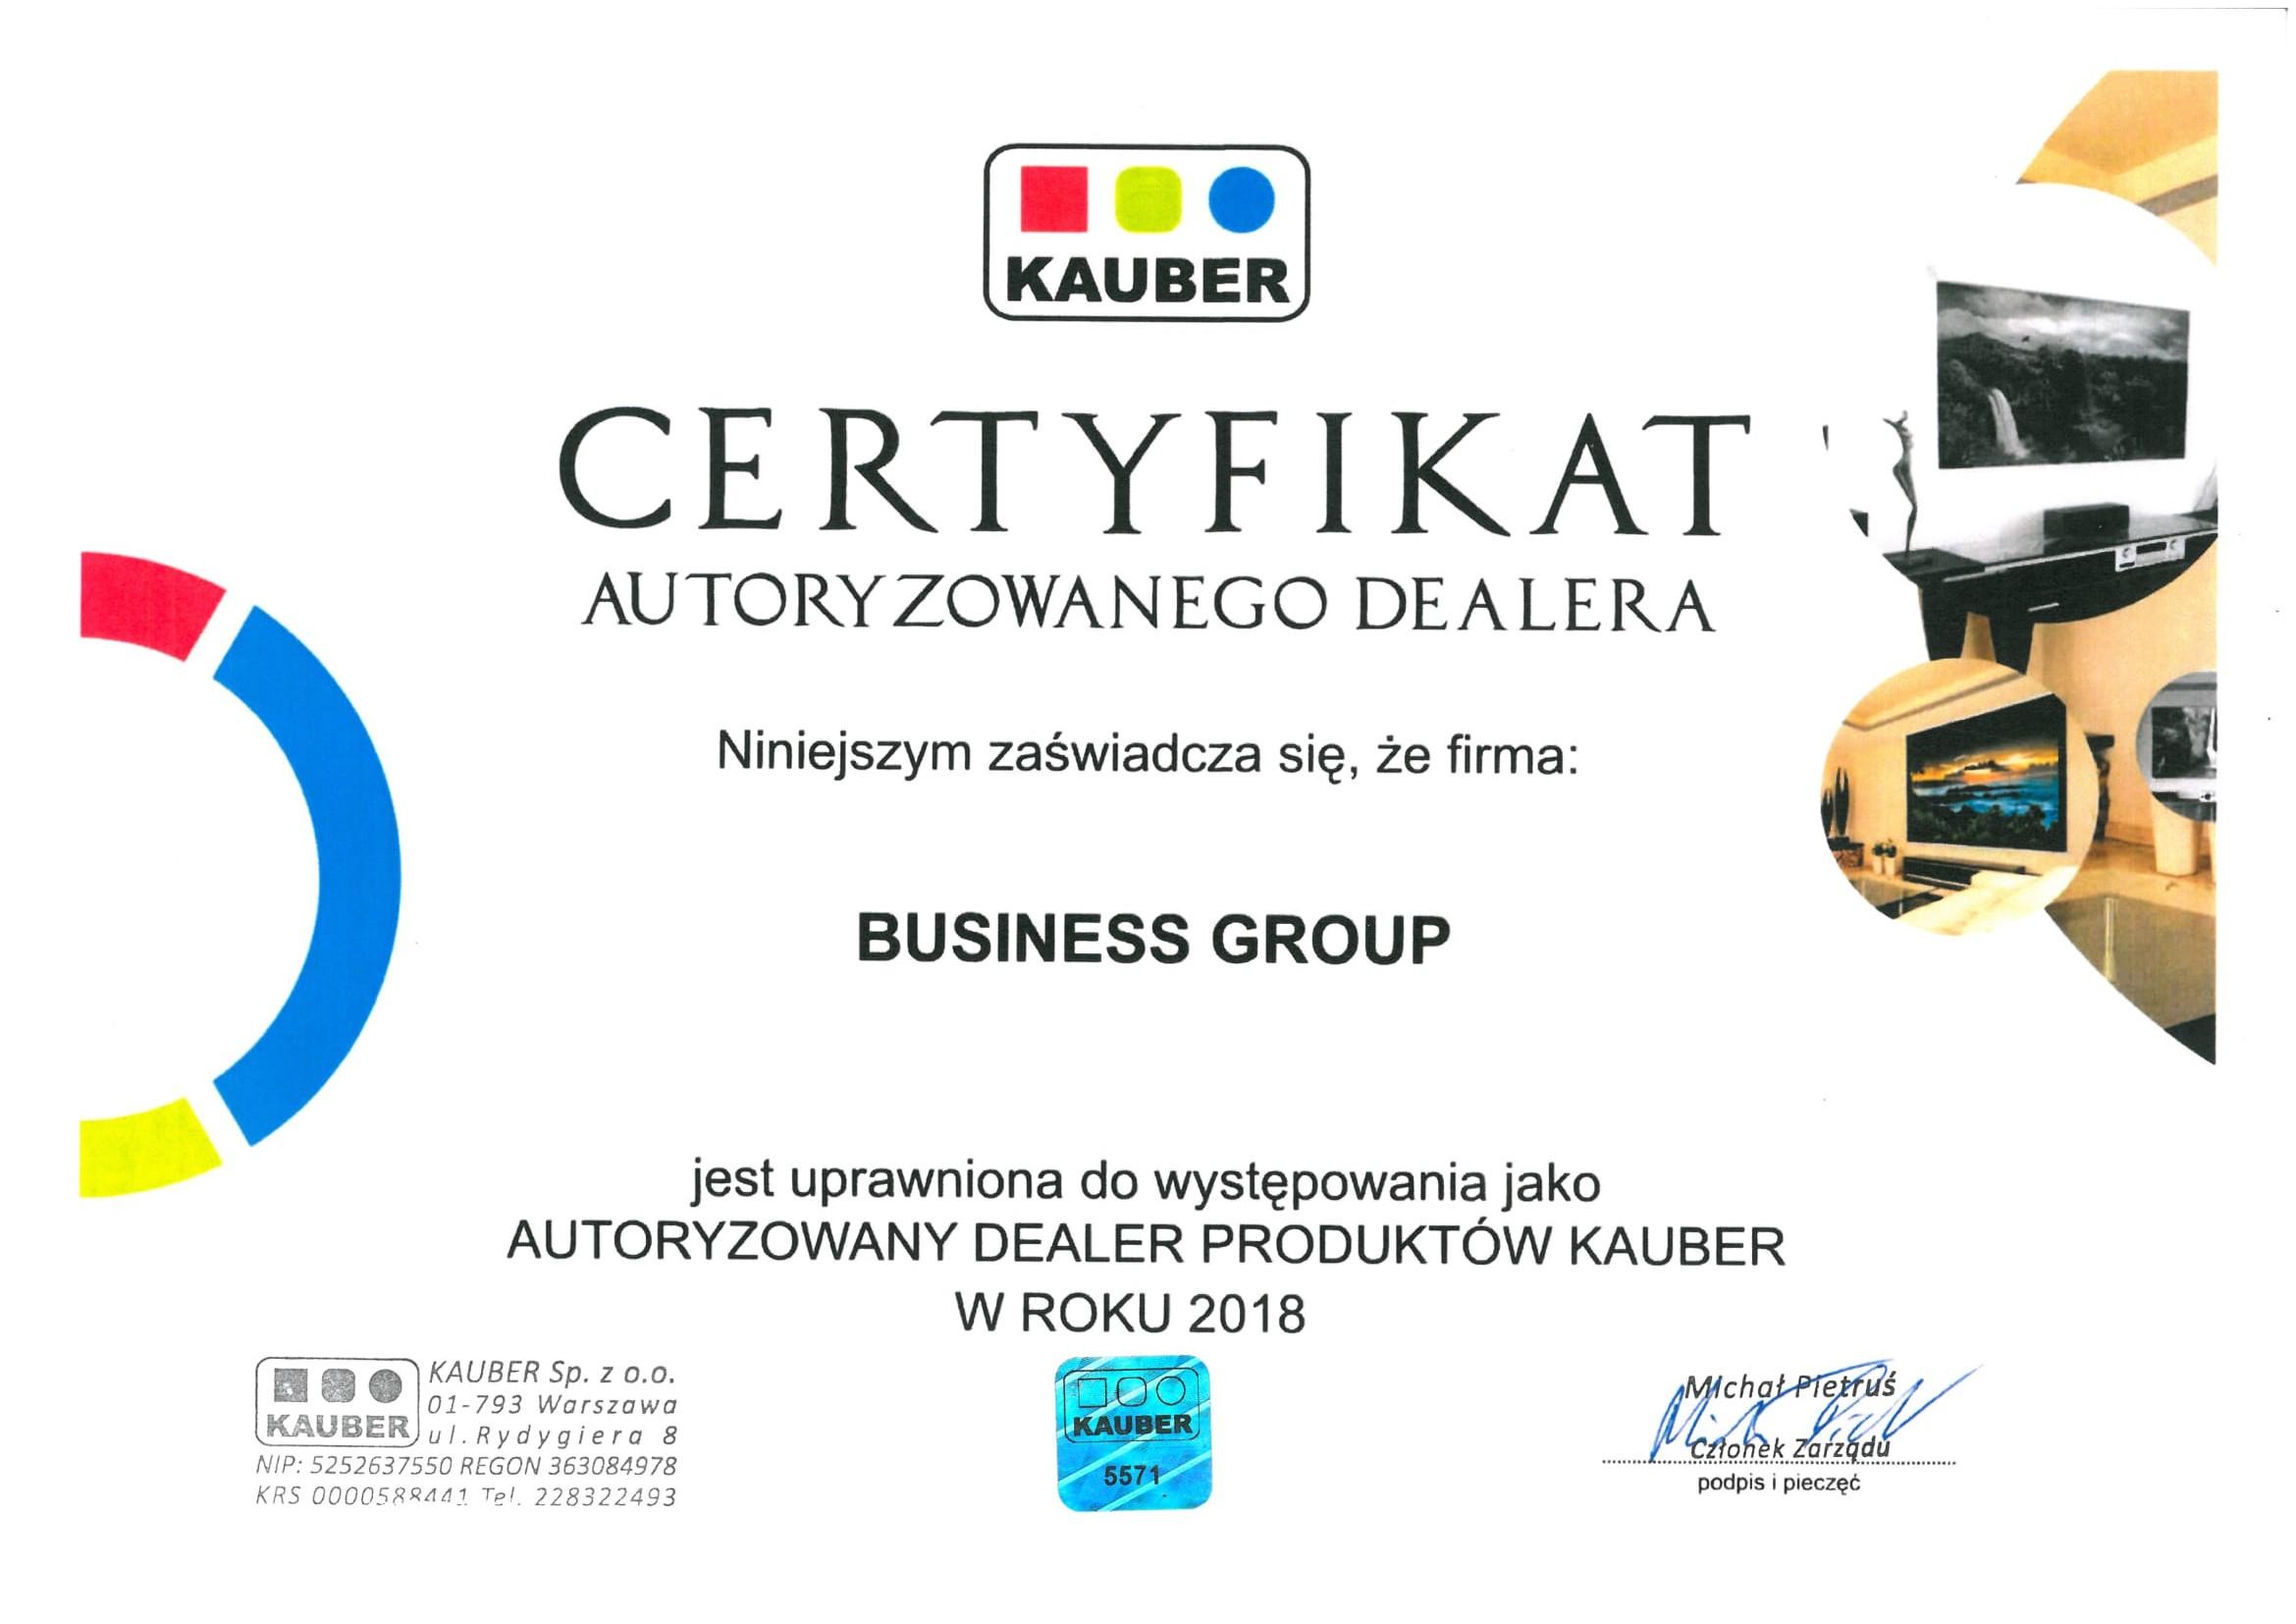 Certyfikat Kauber